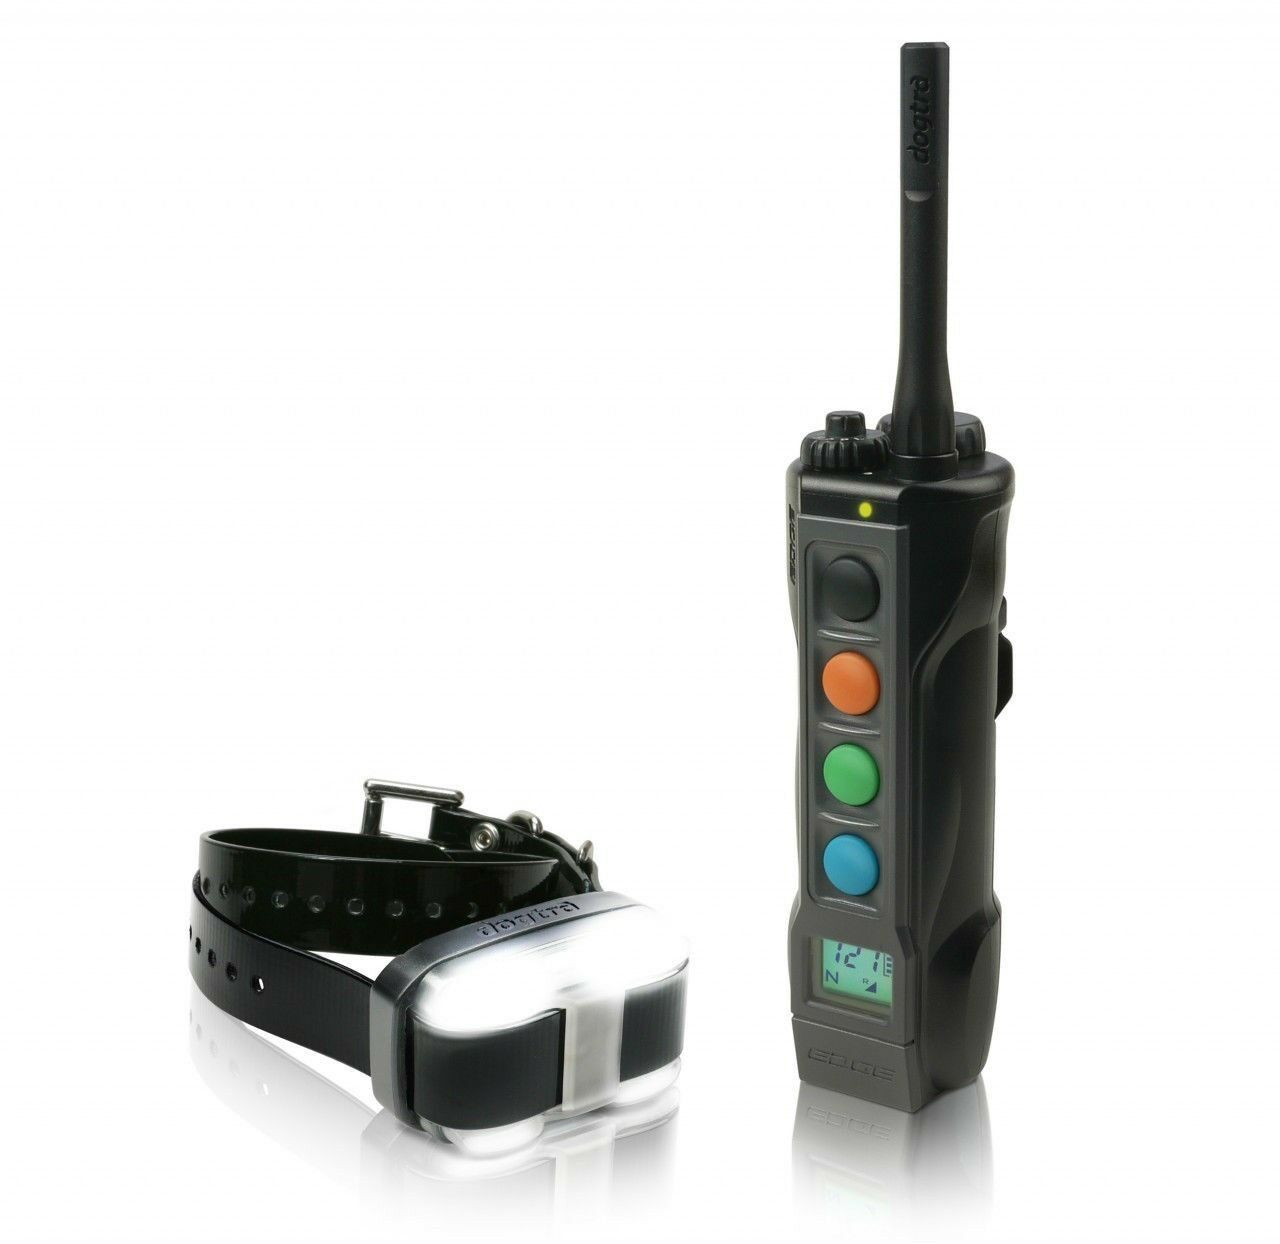 consegna gratuita e veloce disponibile Dogtra EDGE Trainer w LED Locator Light for 1-4 Dogs Dogs Dogs One Dog System  disegni esclusivi